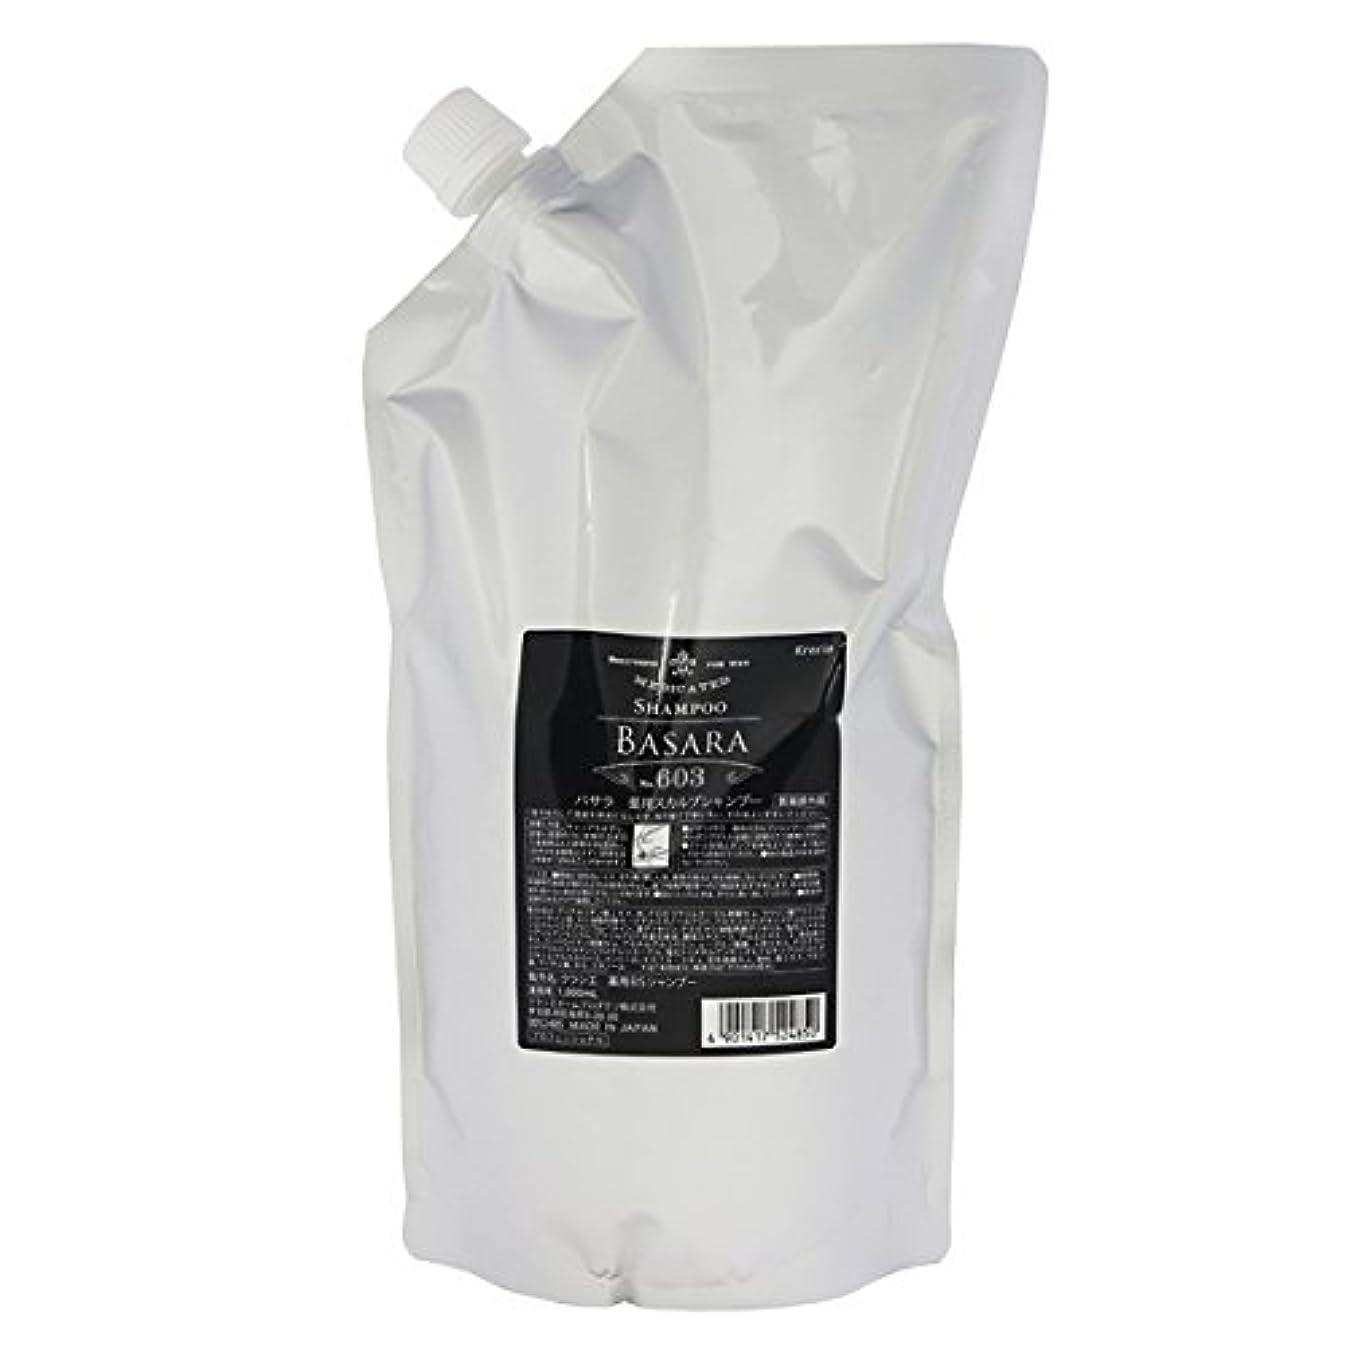 特許バイオレットエイズクラシエ バサラ 薬用スカルプ シャンプー 603 1000ml レフィル